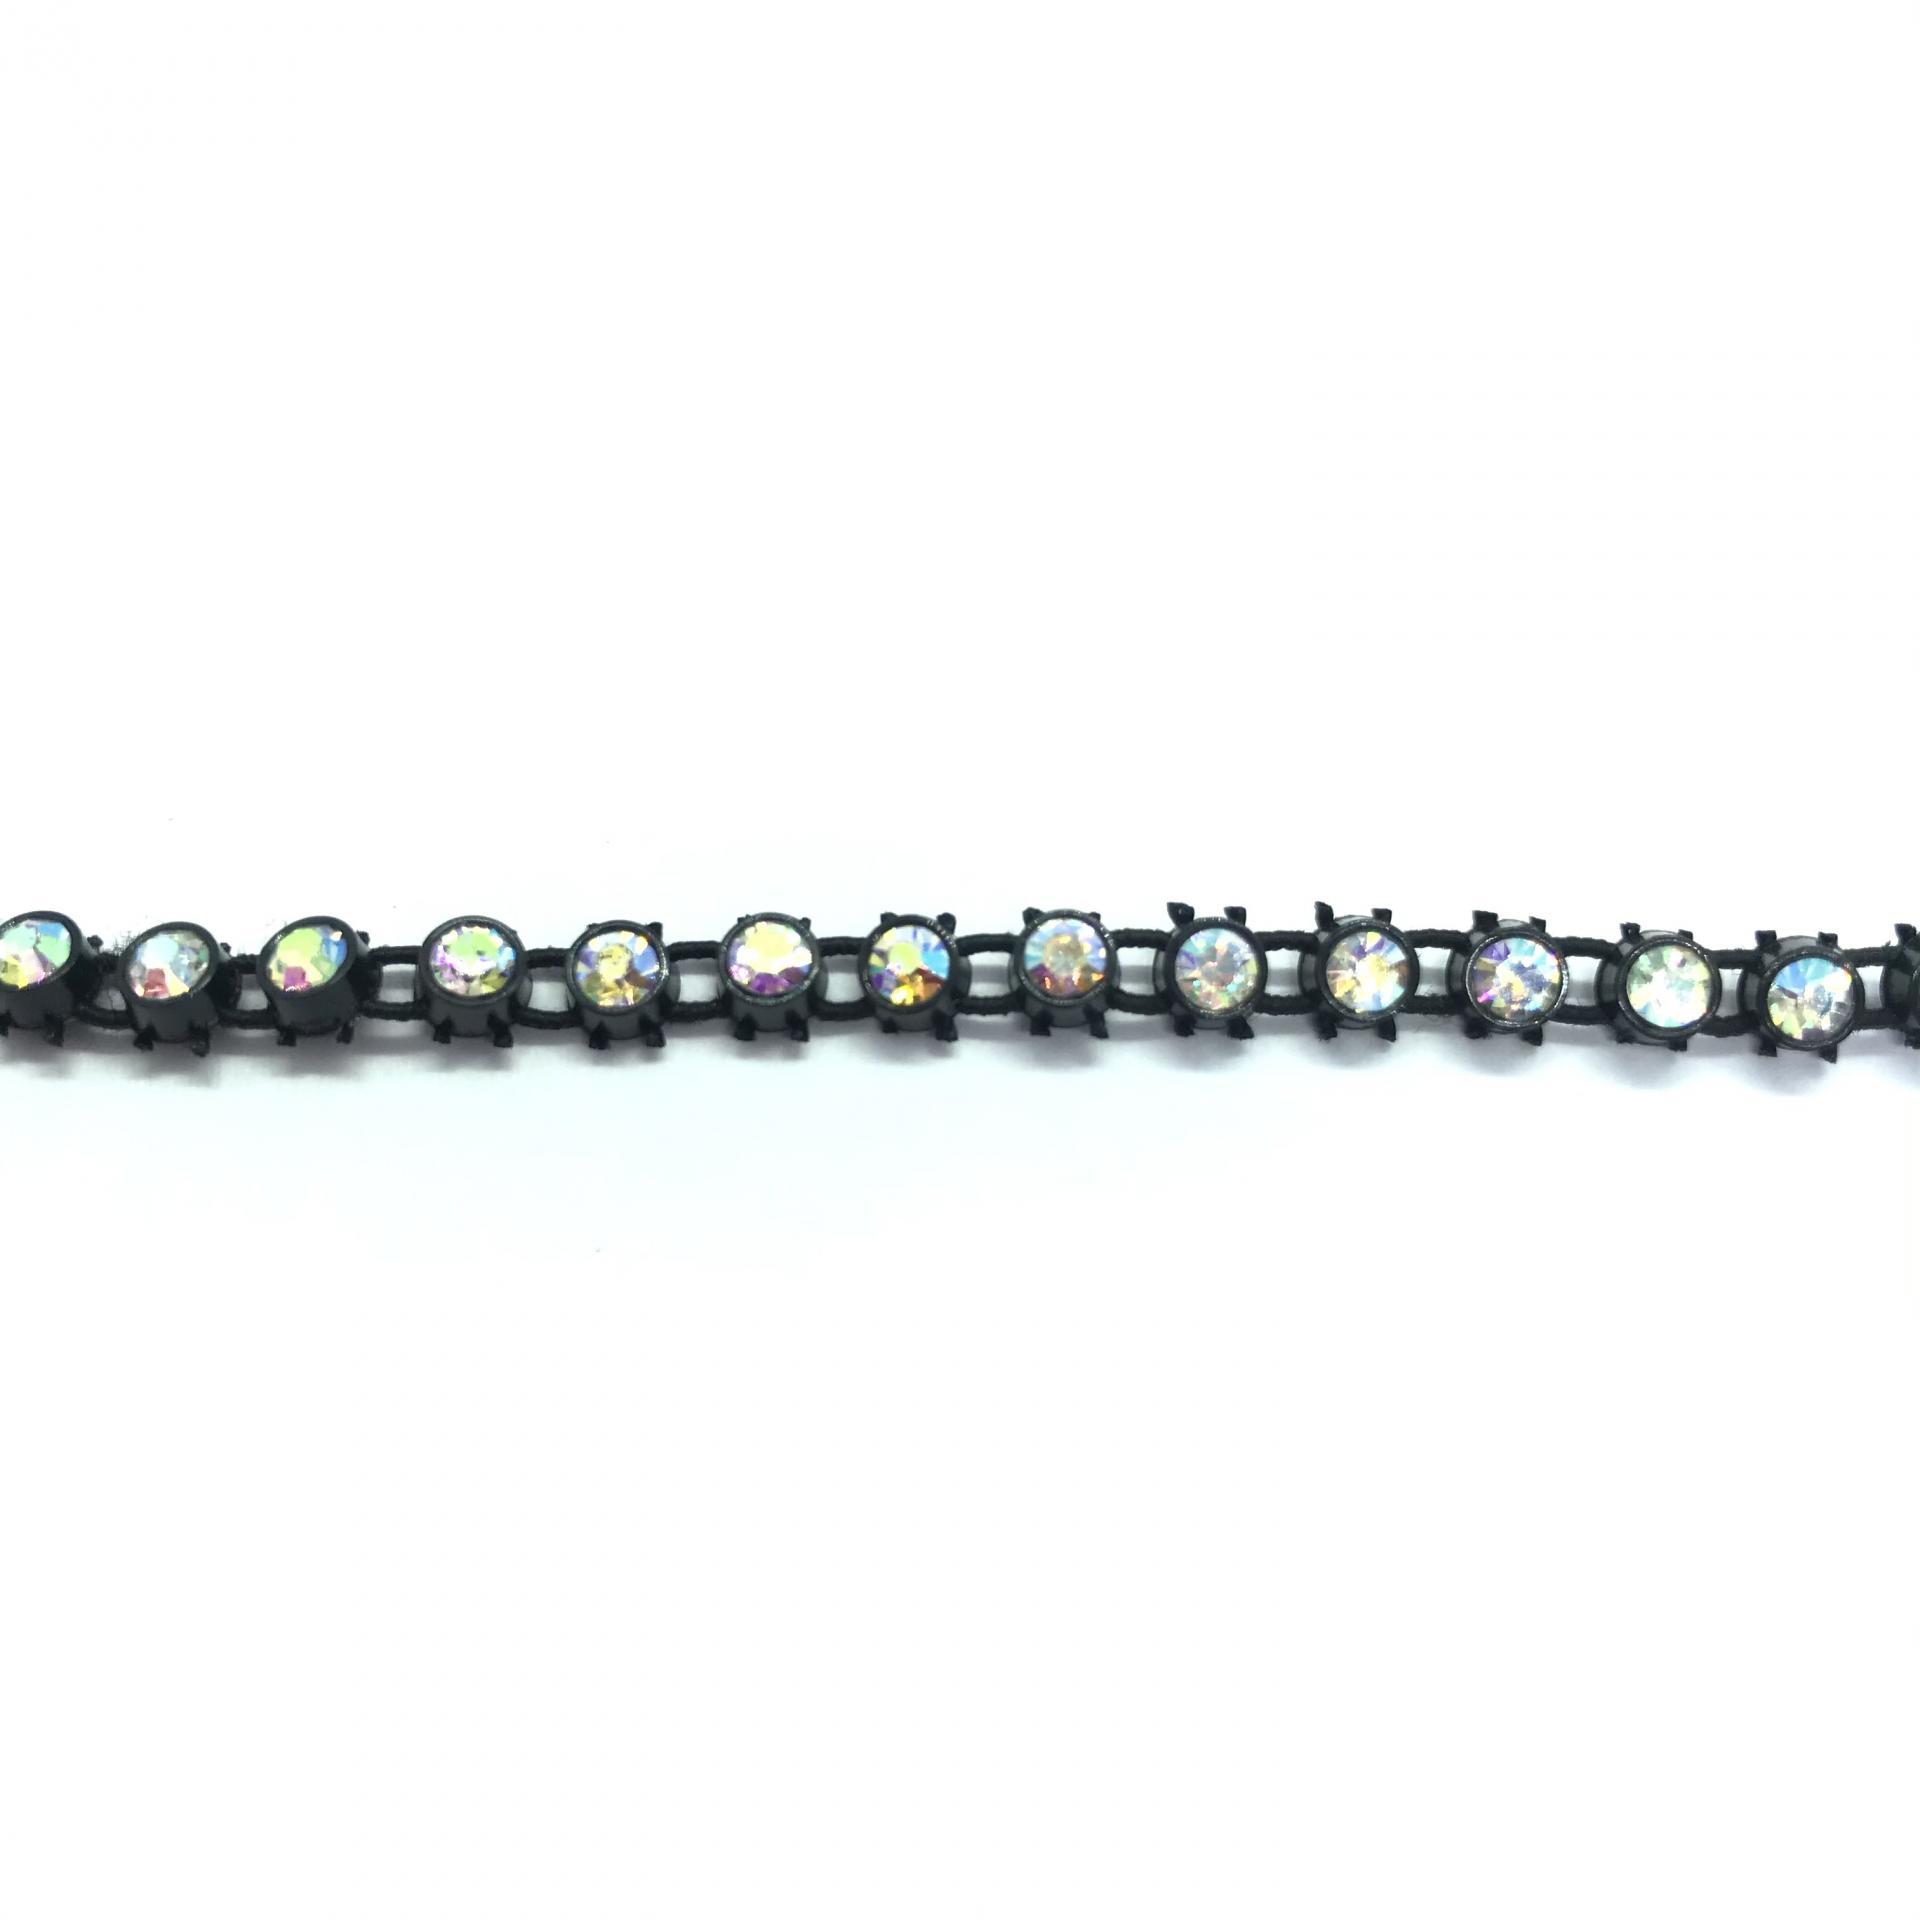 Galon de strass elastique a coudre cristal ab base plastique noir 3mm